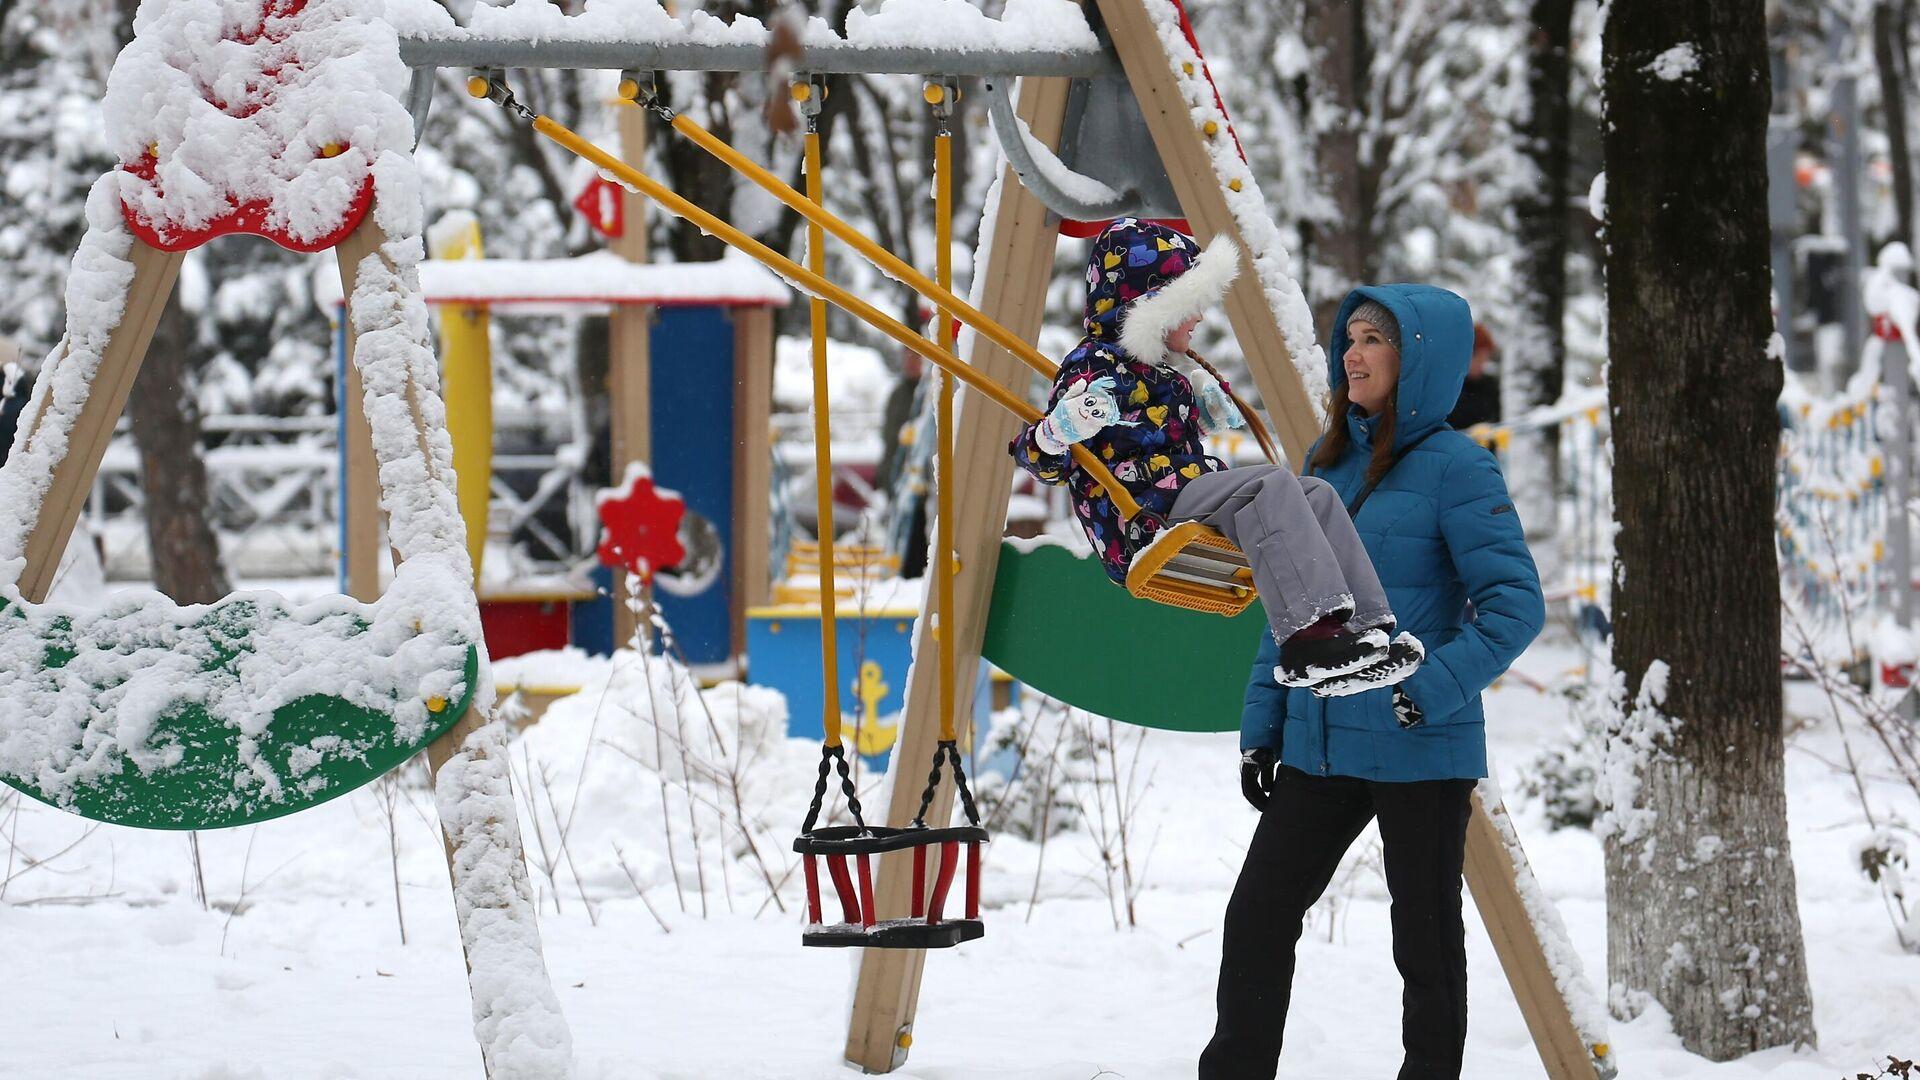 Женщина с ребенком на детской площадке Фестивального сквера в Краснодаре после снегопада - РИА Новости, 1920, 23.12.2020